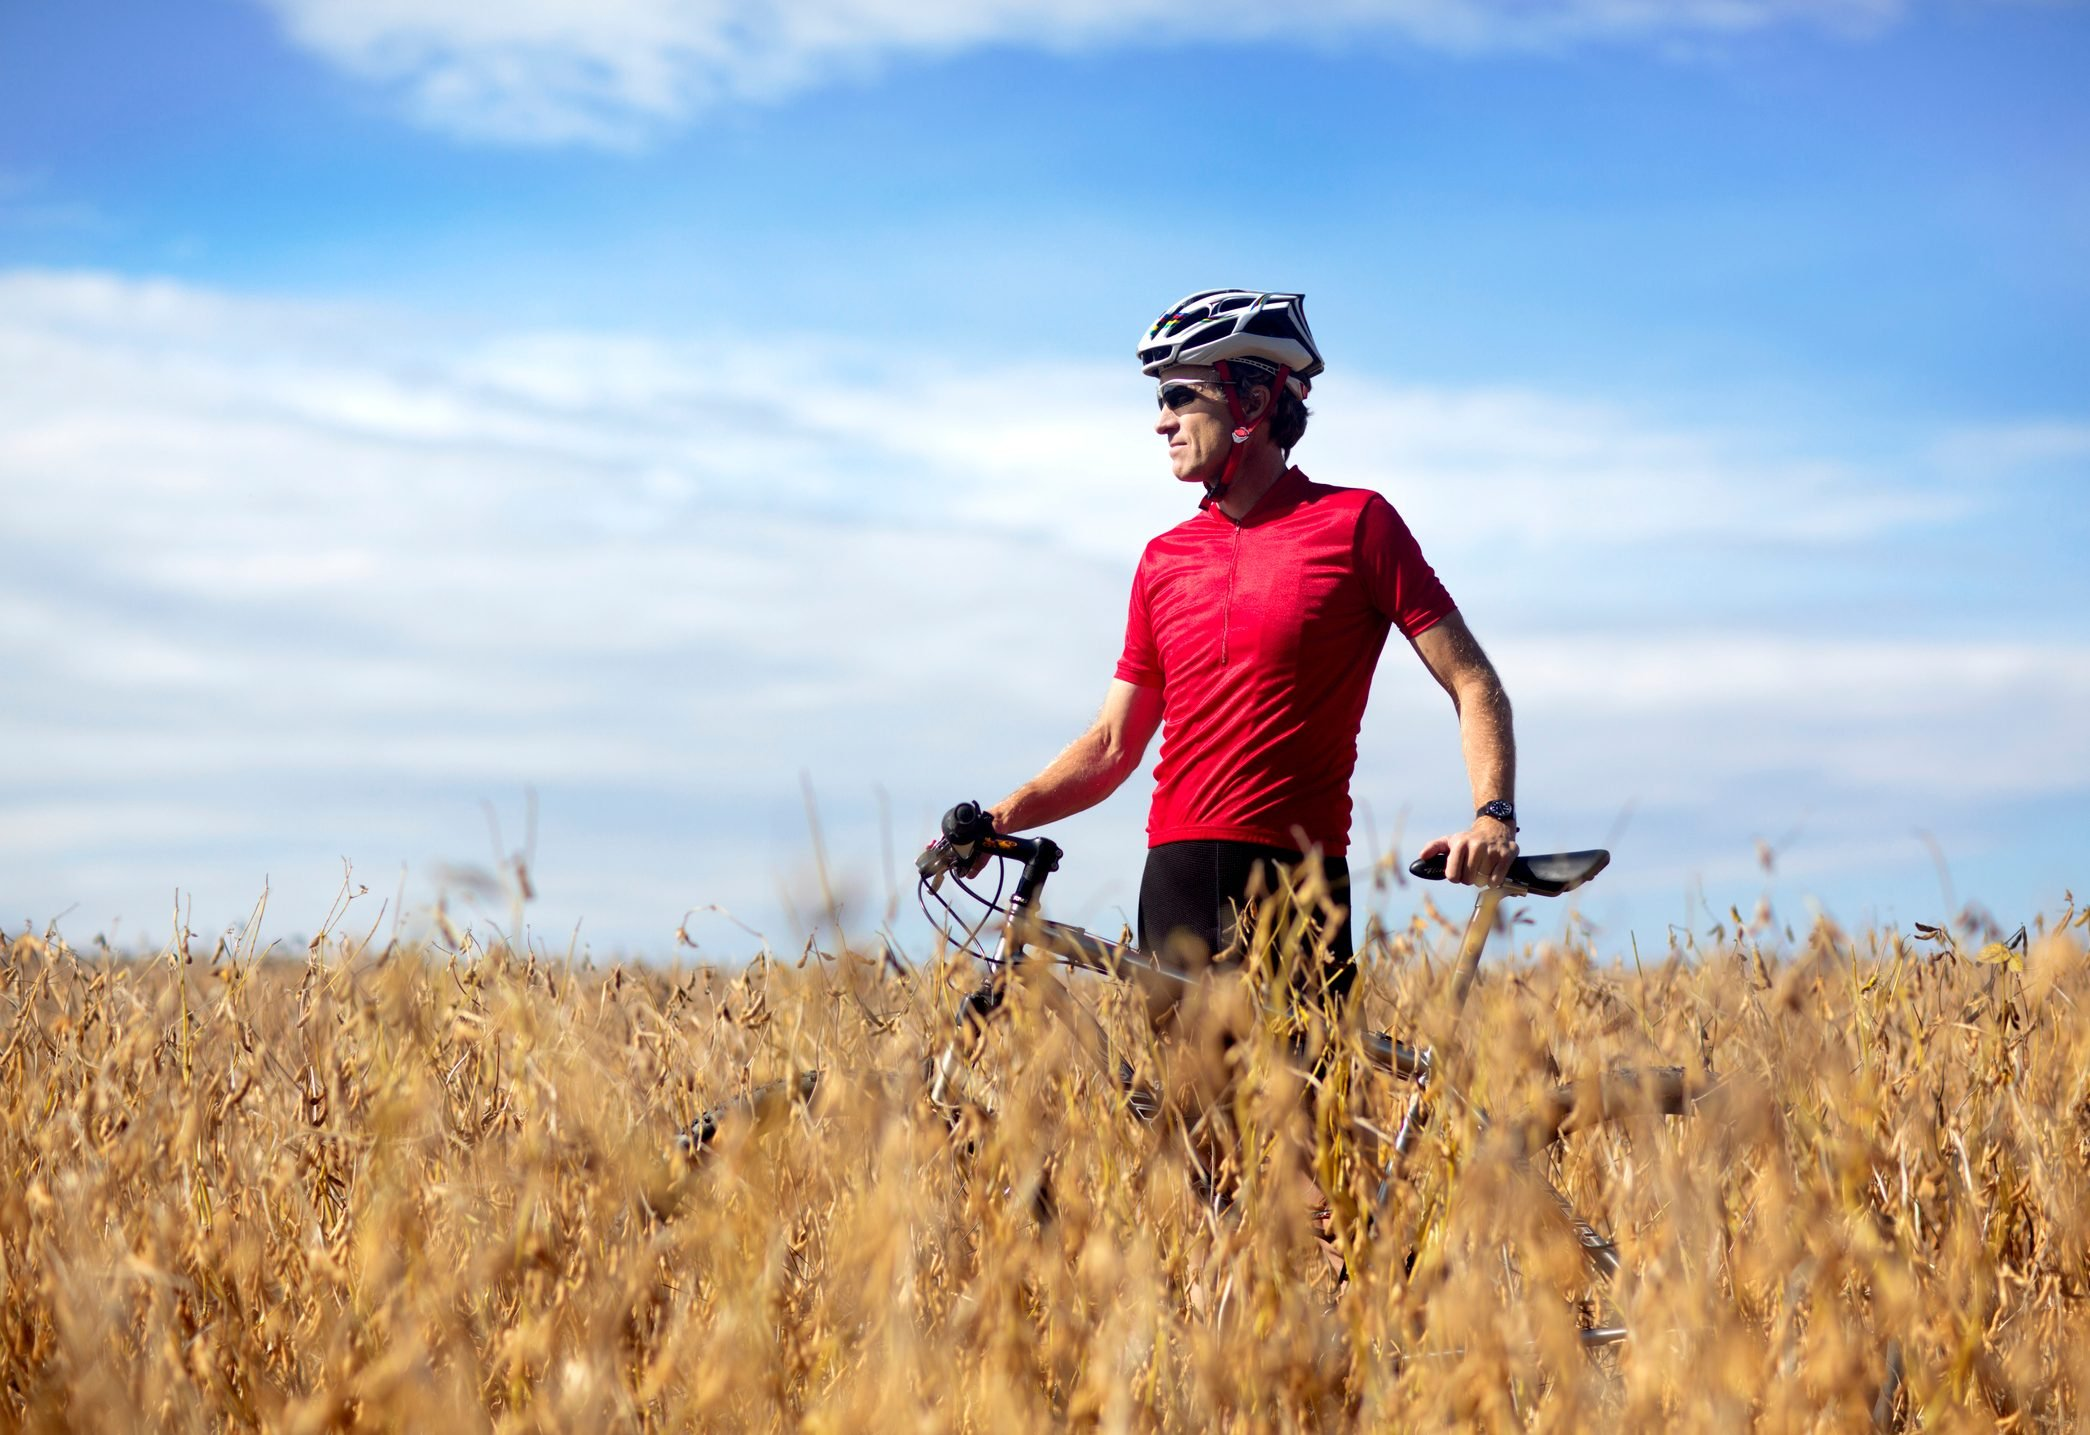 Off road biker stands in a farmer's field